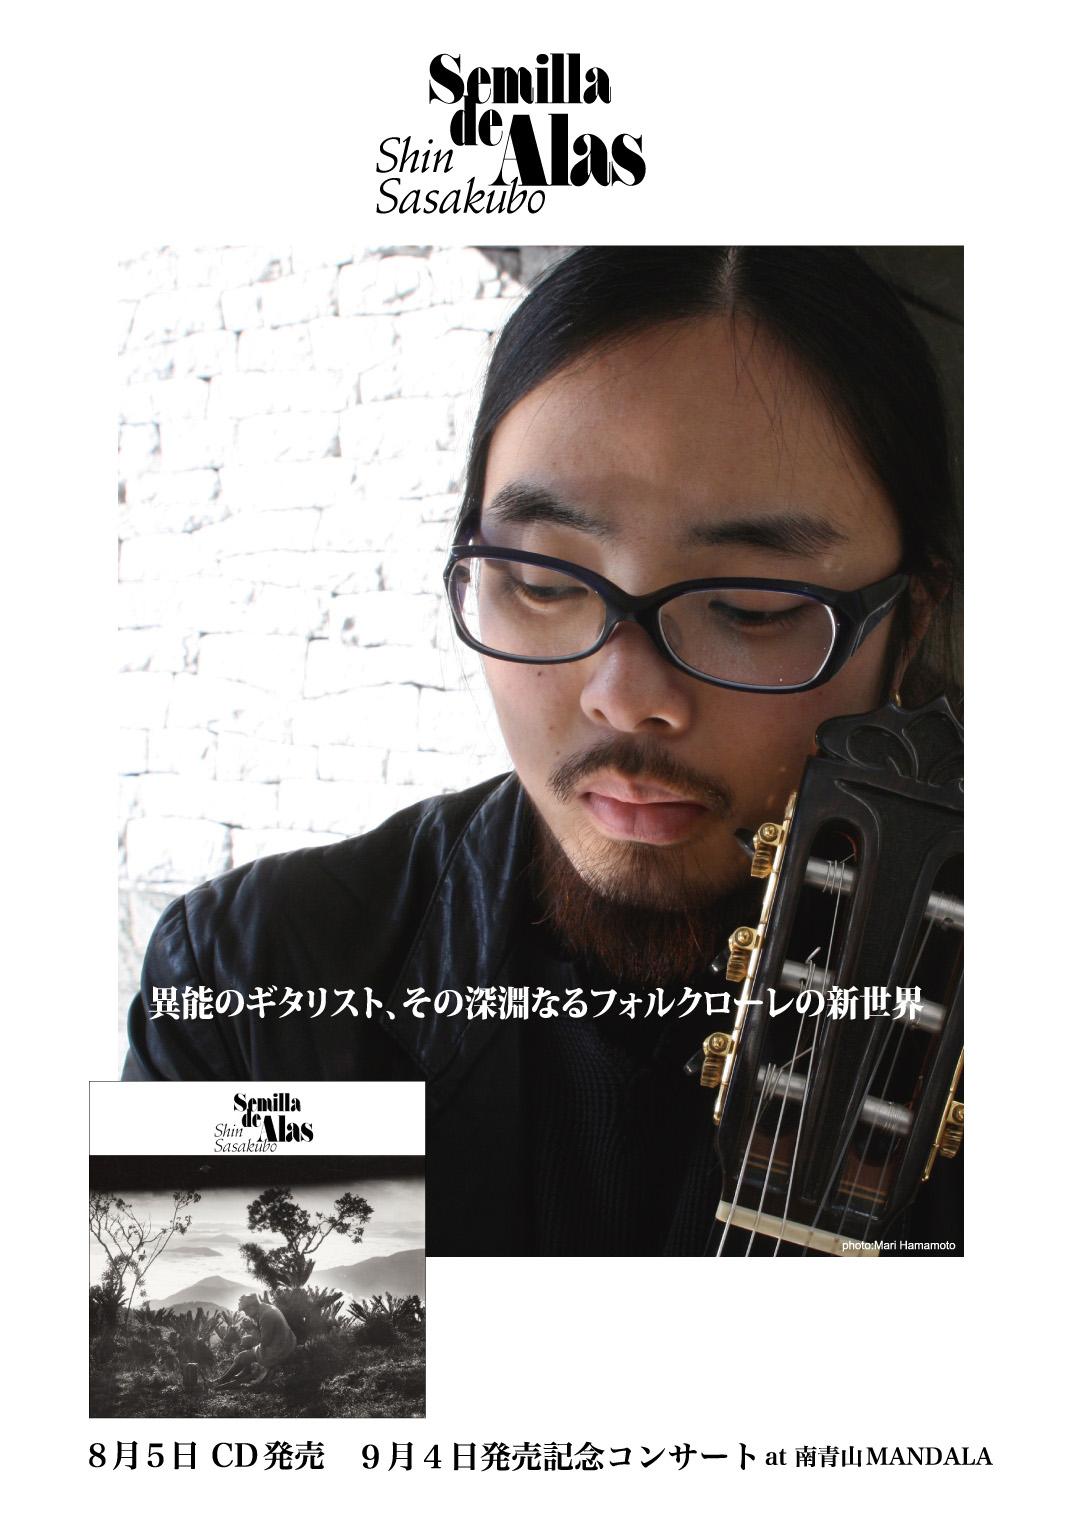 笹久保伸:日本初録音のニューアルバム「翼の種子」&レコ発ライブ_e0193905_1620842.jpg